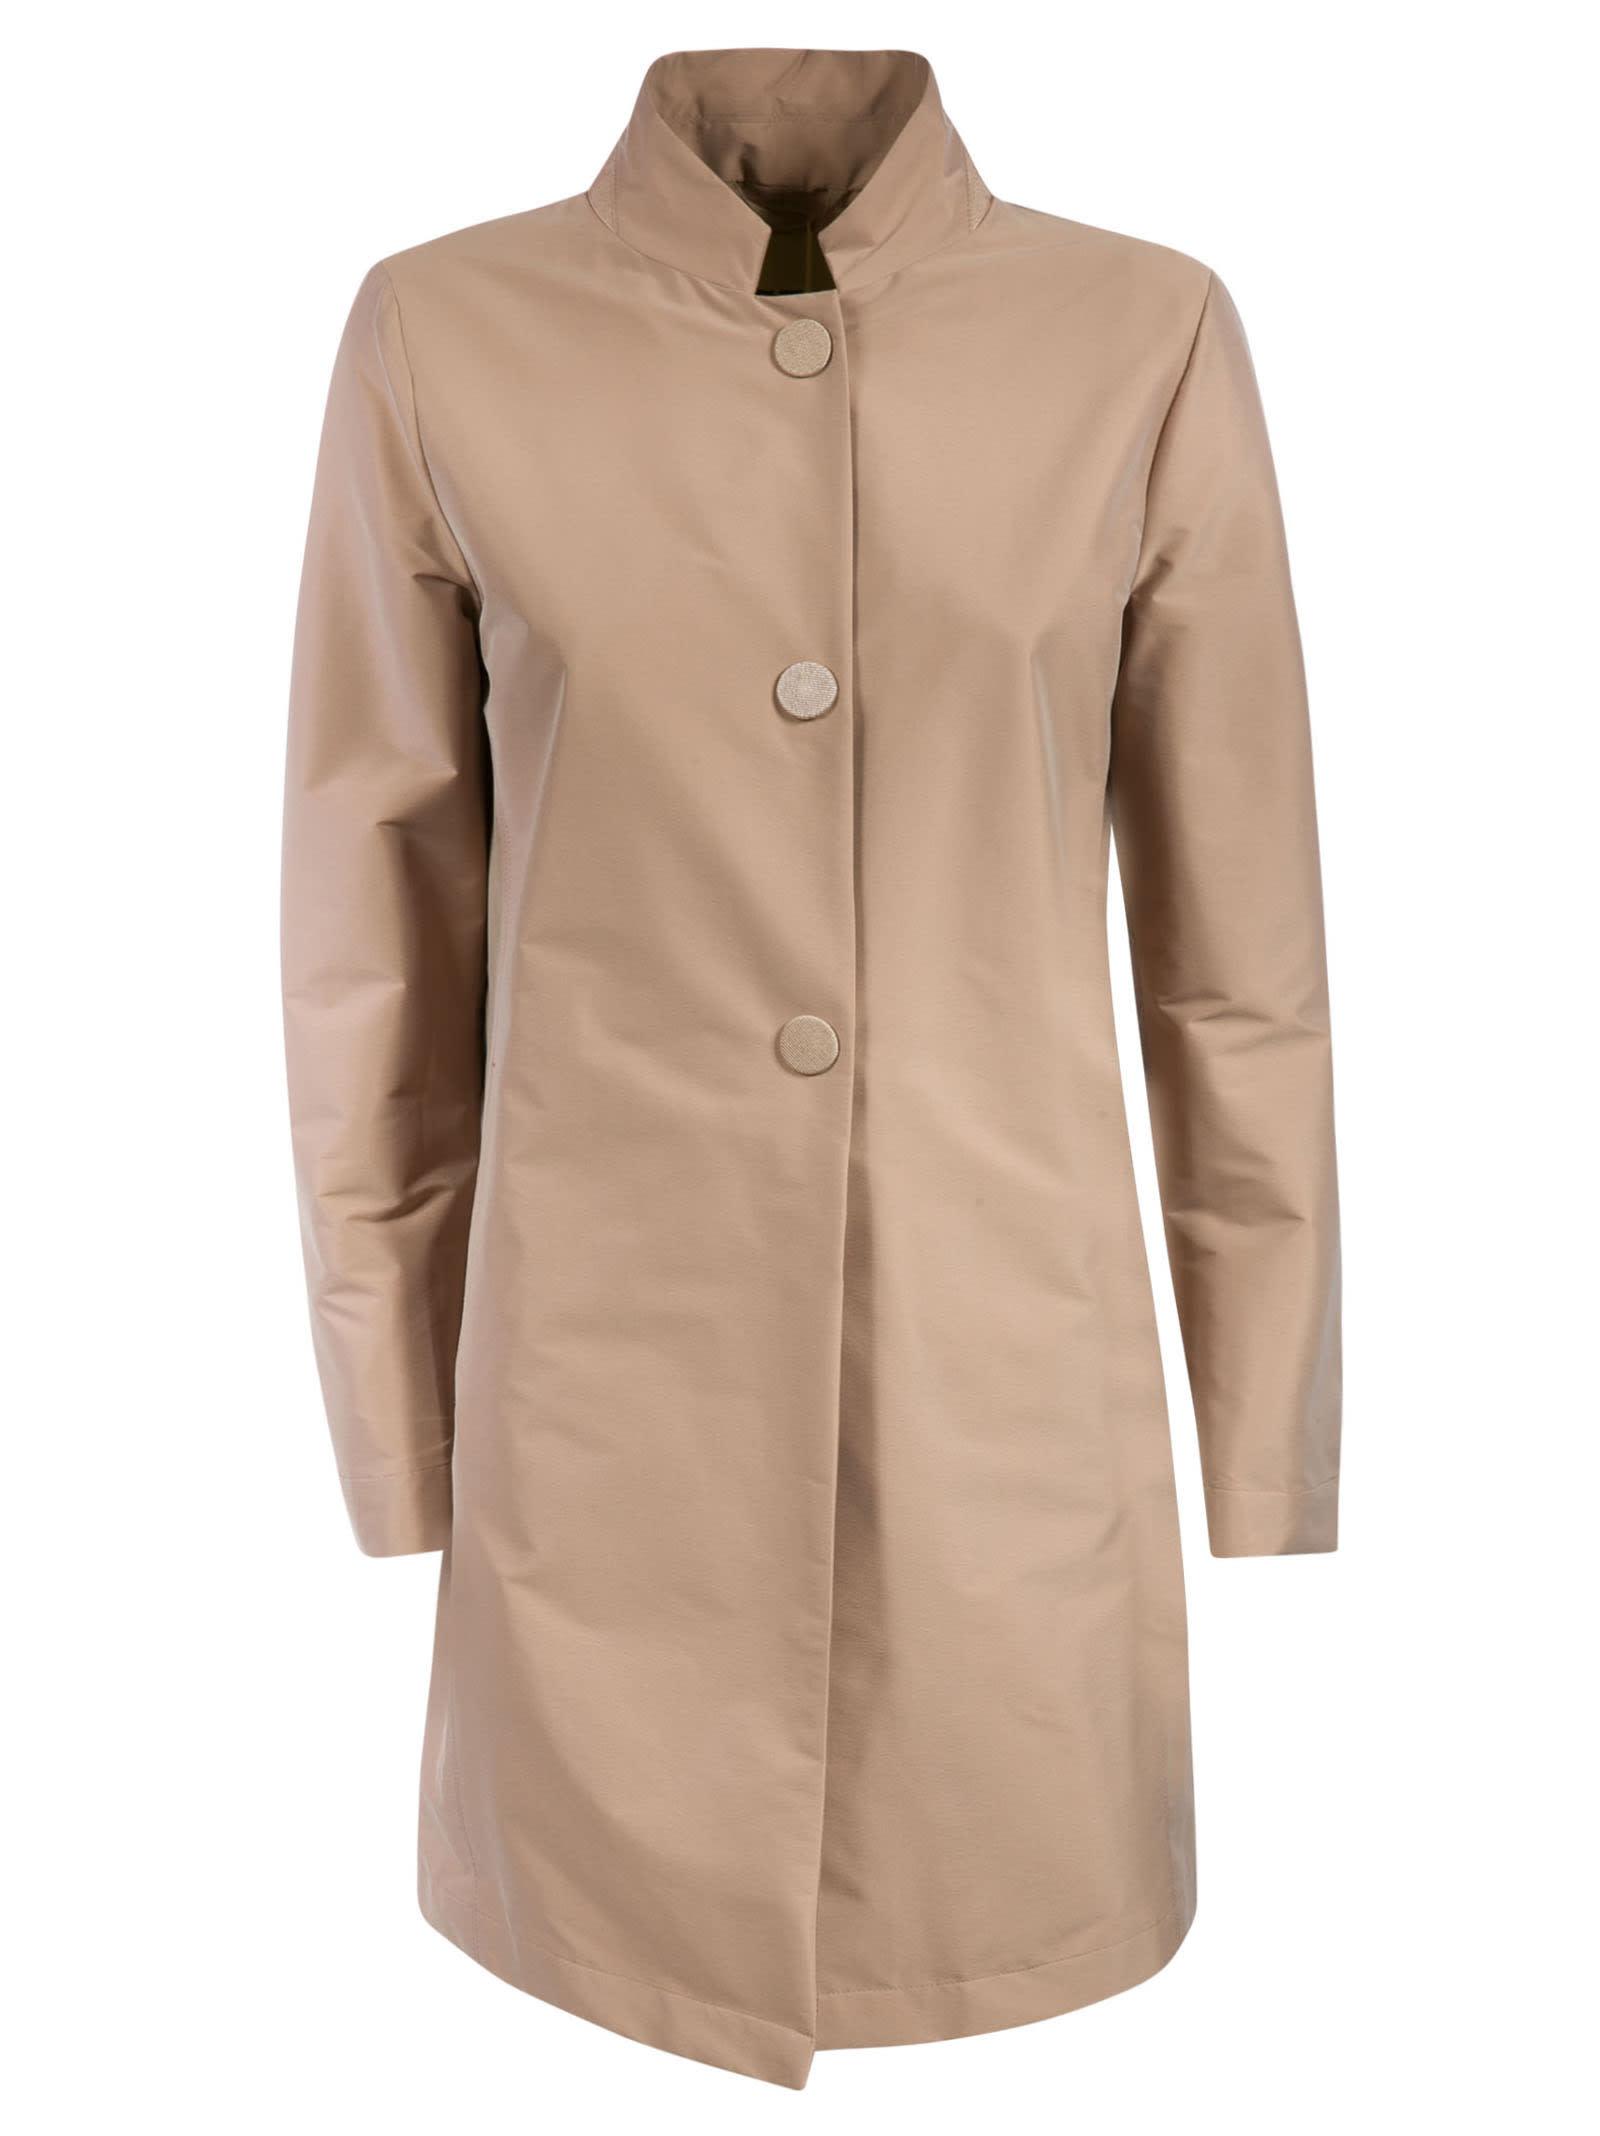 Herno Three-button Jacket